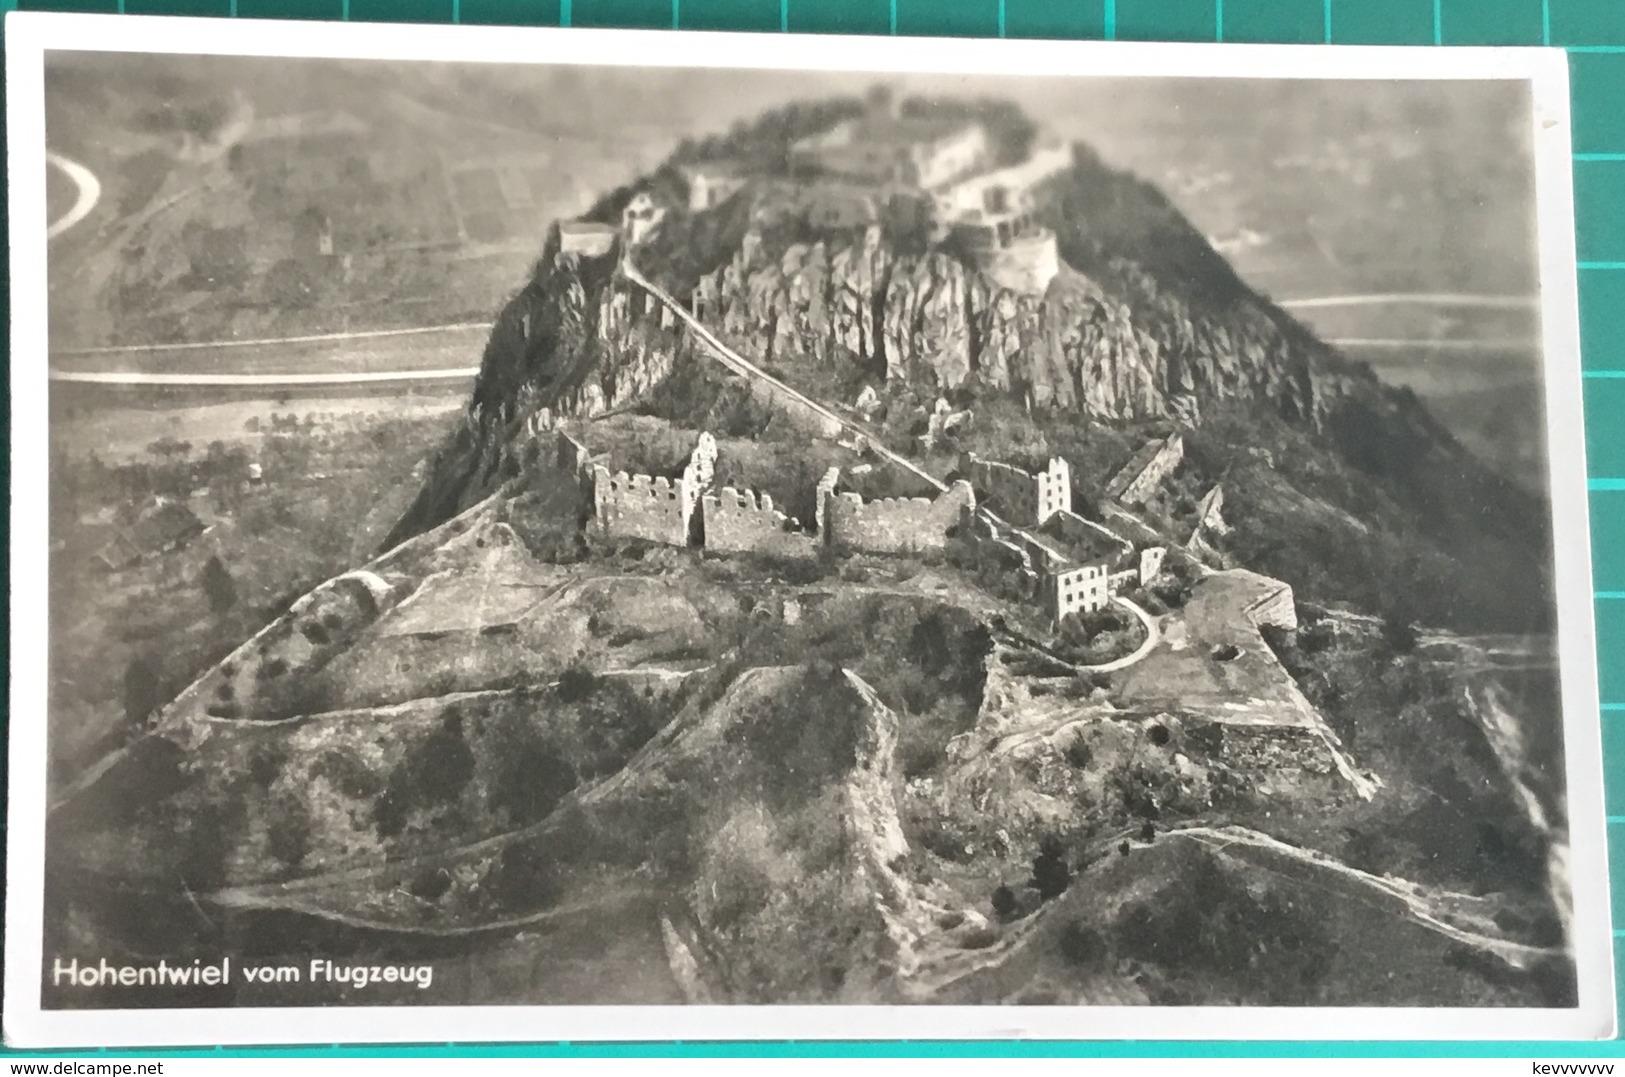 Hohentwiel Vom Flugzeug ~ Black & White Photo Postcard - Germany